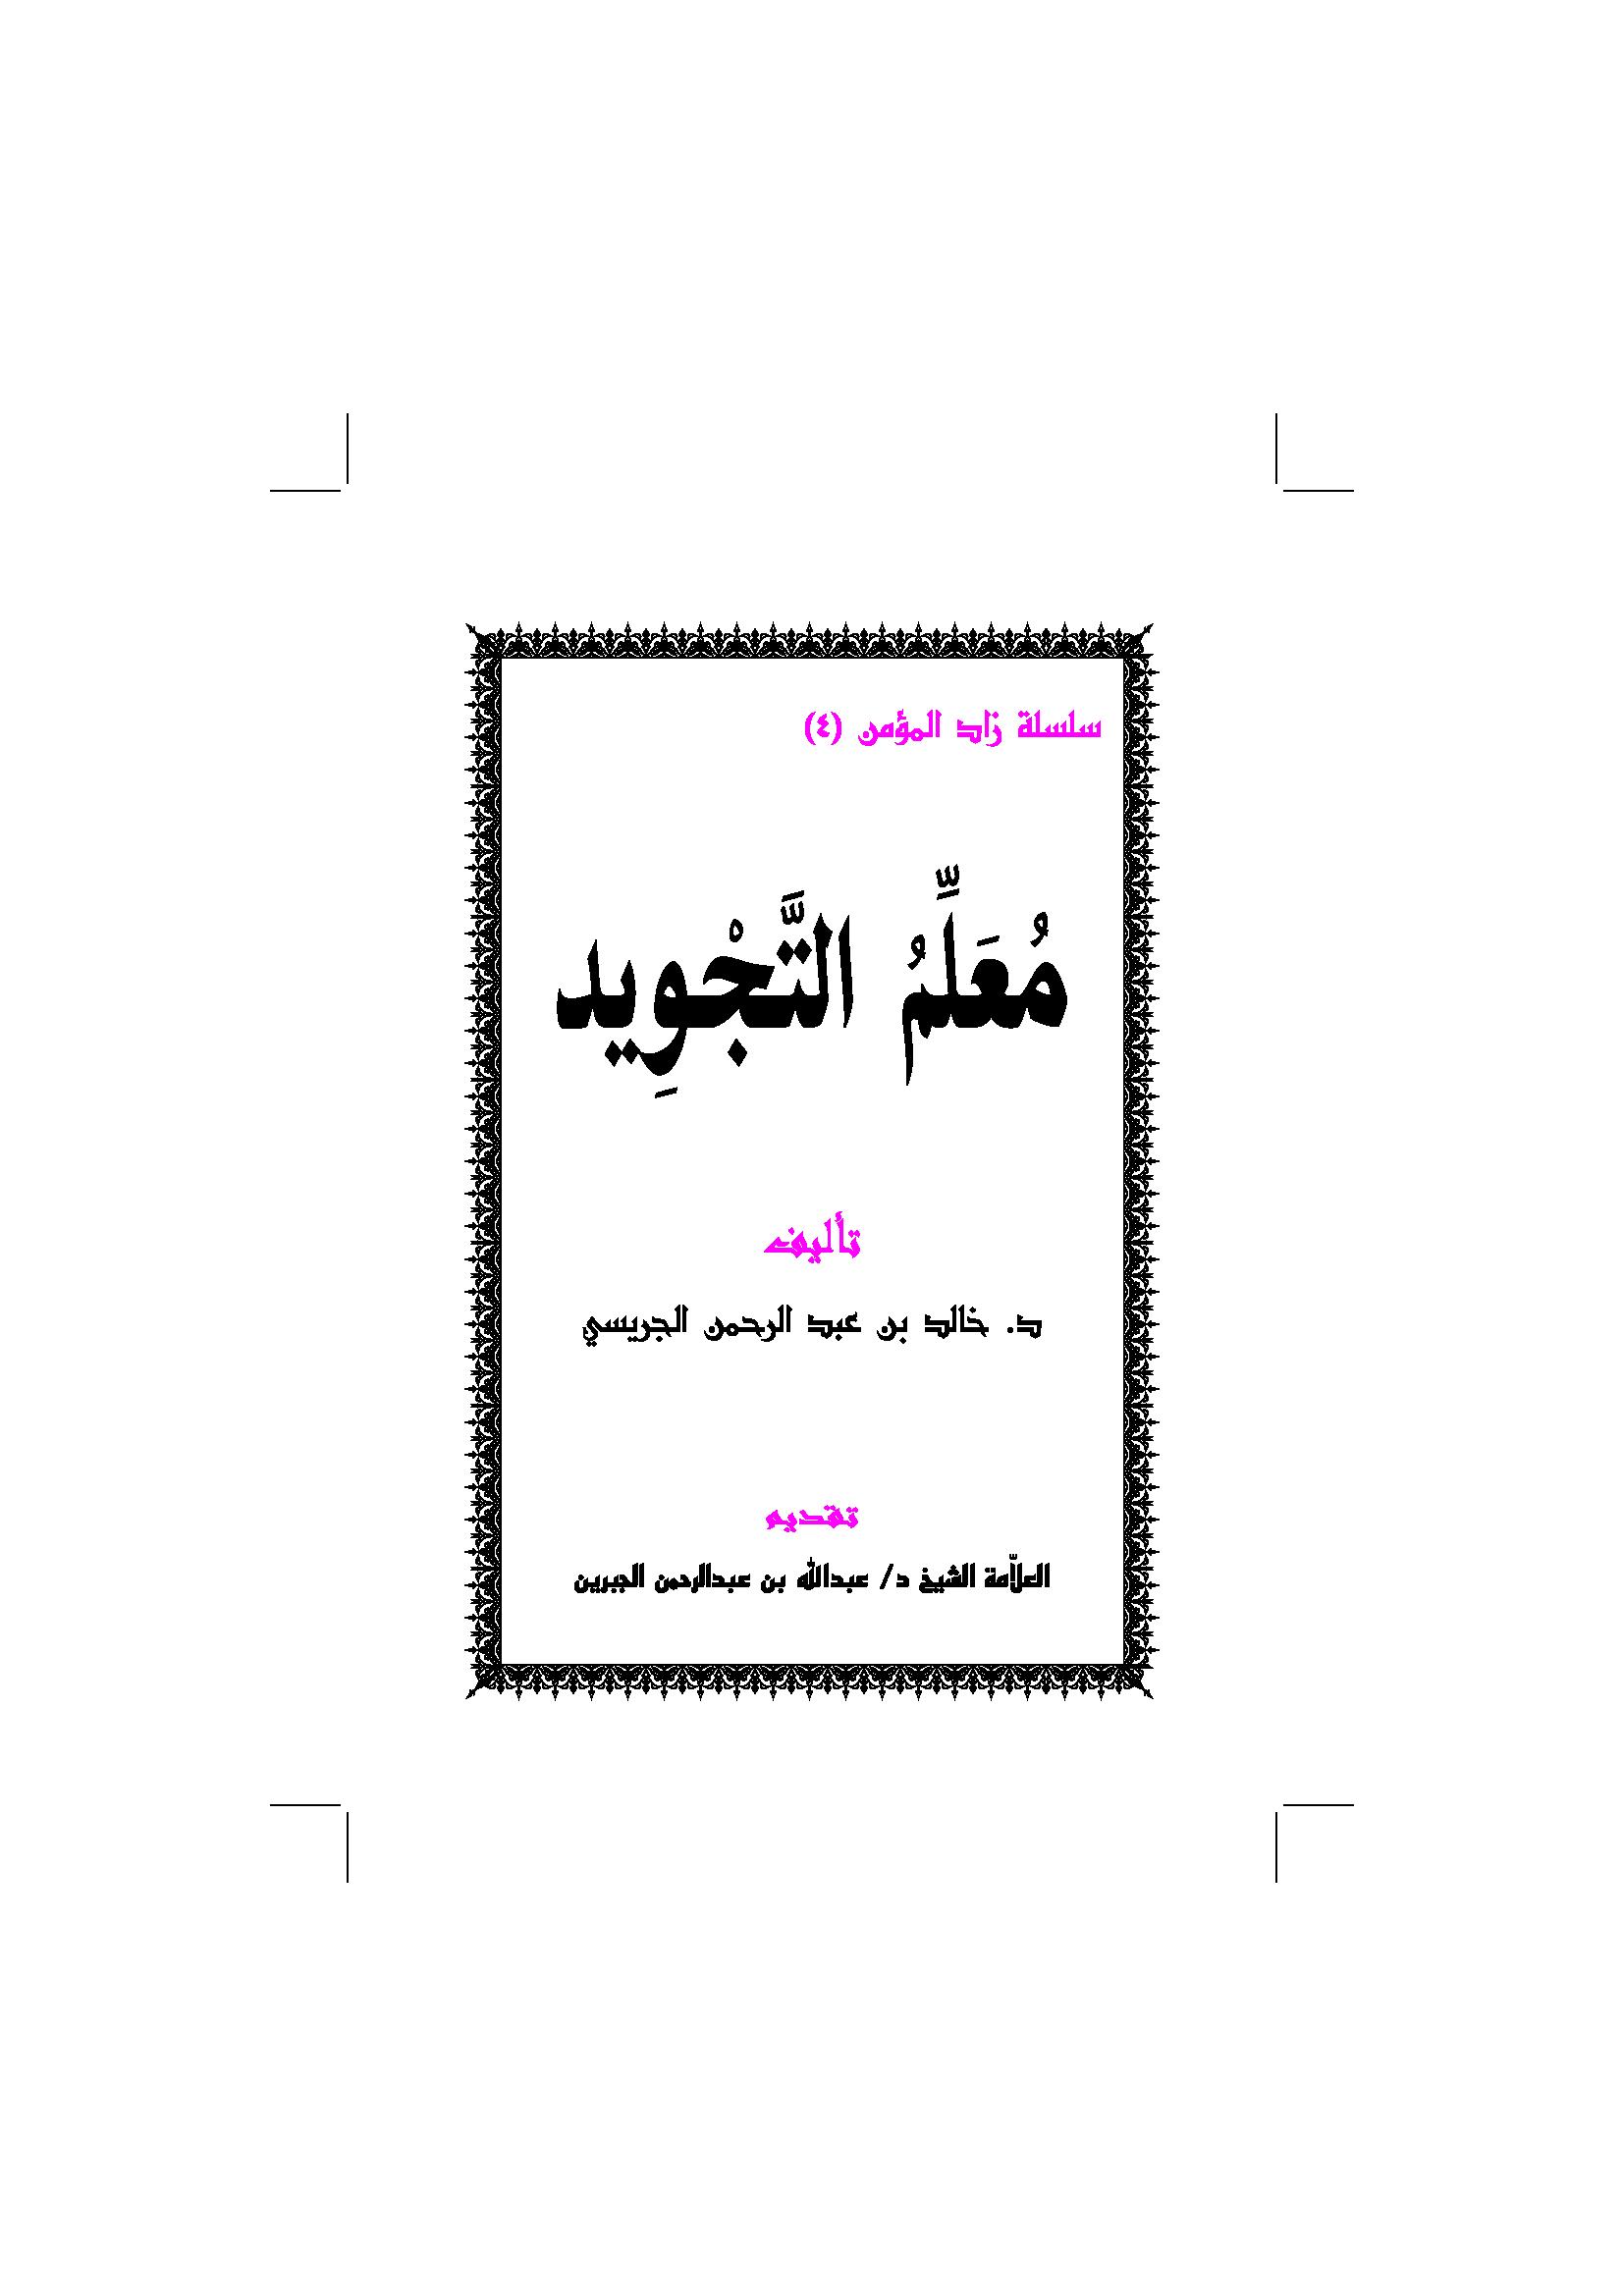 تحميل كتاب معلم التجويد لـِ: الدكتور خالد بن عبد الرحمن بن علي الجريسي